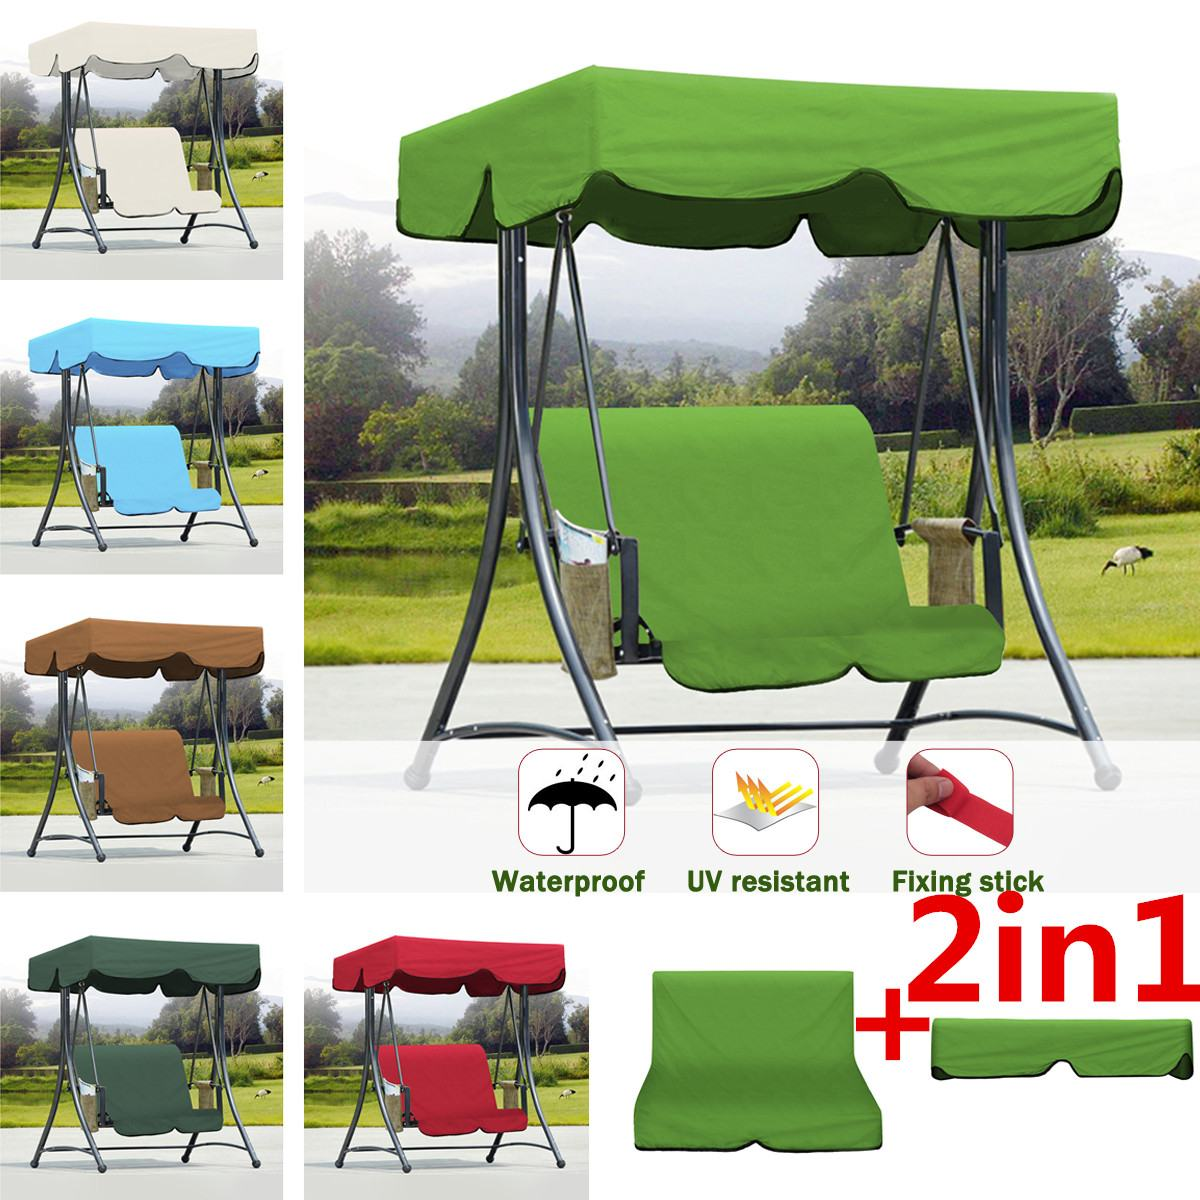 2 uds. Toldo de hamaca oscilante resistente a los rayos UV resistente al agua + cojín de silla para verano exterior jardín interior patio tienda cubierta superior oscilante